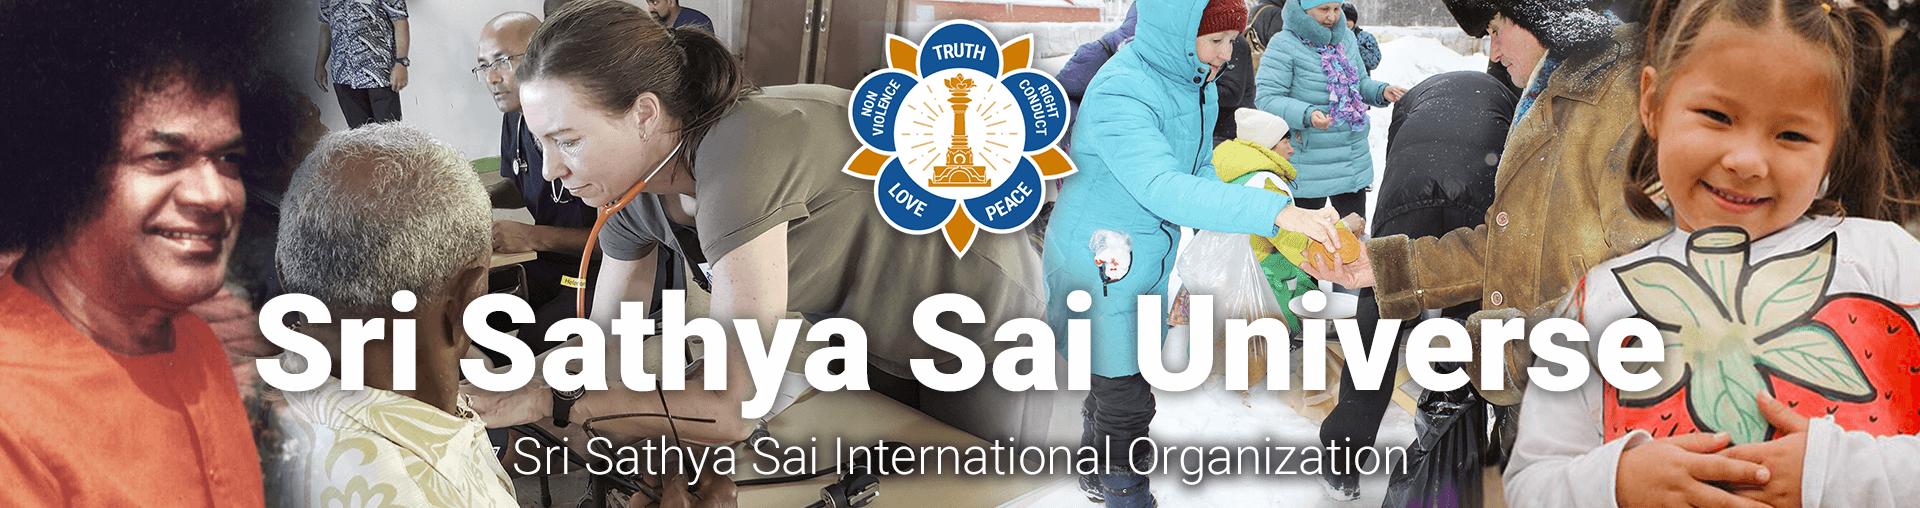 Sri Sathya Sai Universe